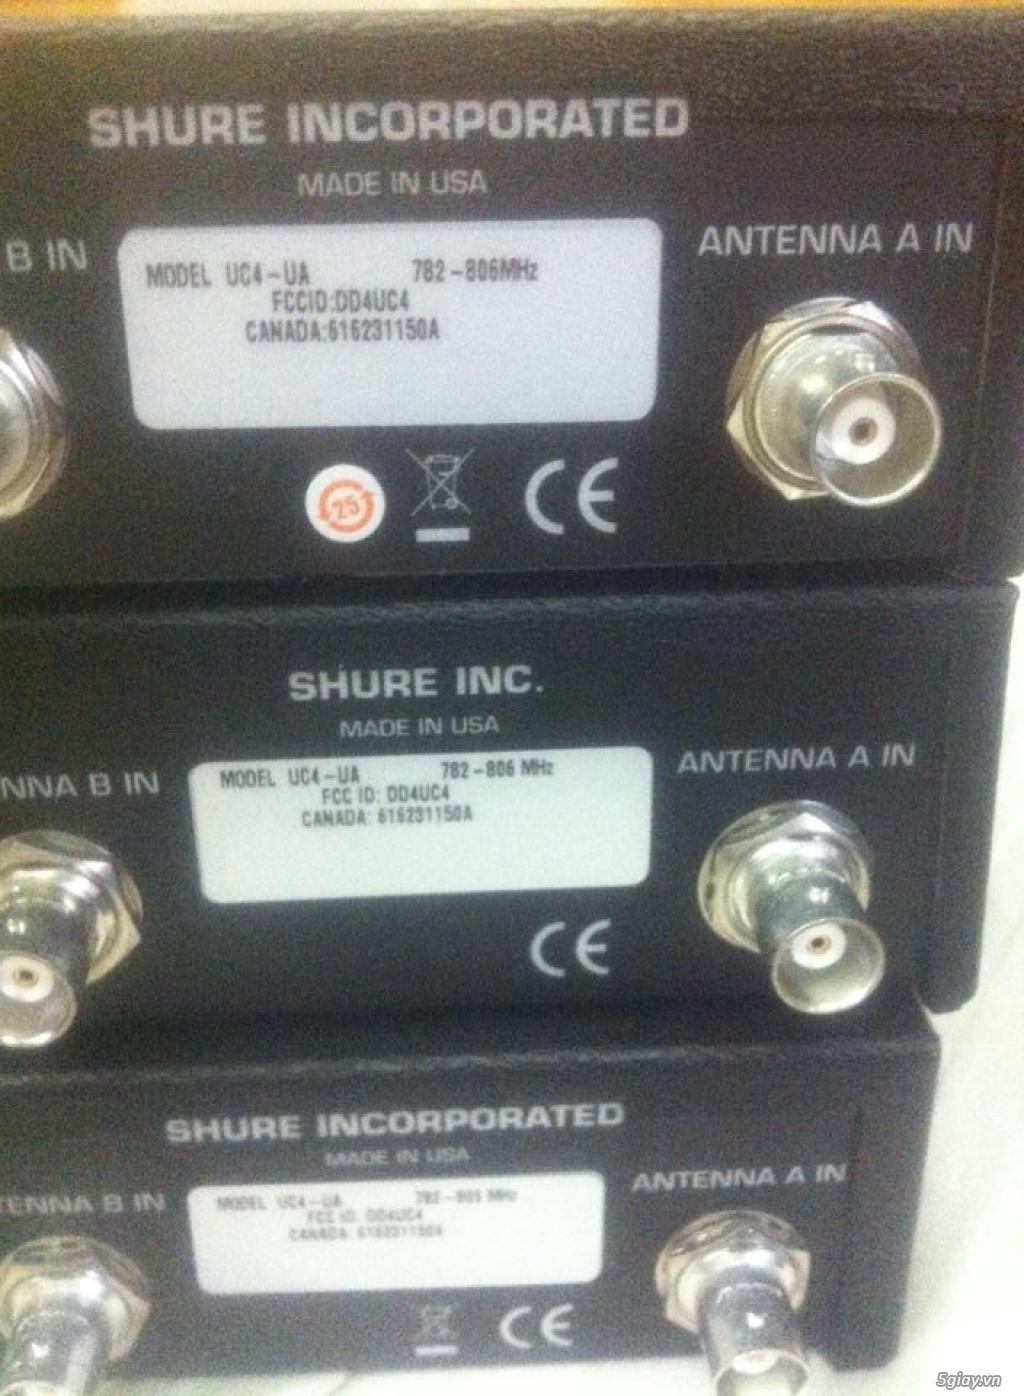 Bán Micro Shure không dây của Mỹ chính hãng ( Shure U4S UA, U4D UA, UC4 UA ) - 27